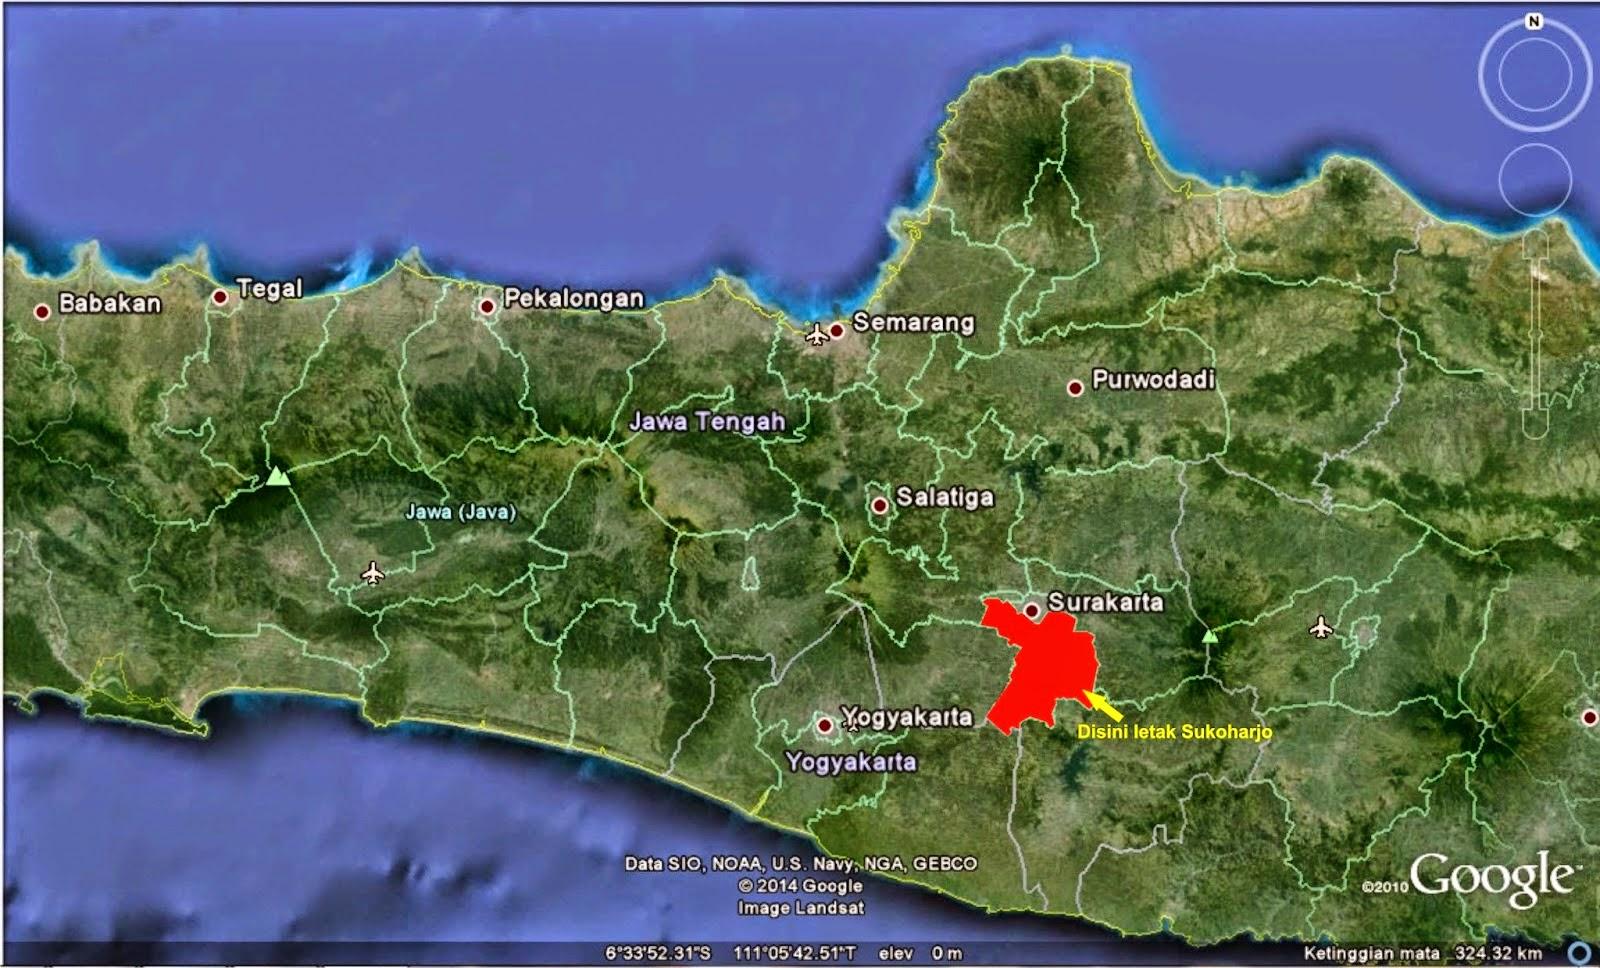 Potensi Wisata Kabupaten Sukoharjo Pungky23 Sektor Pertanian Industri Mengandalkan Kurang